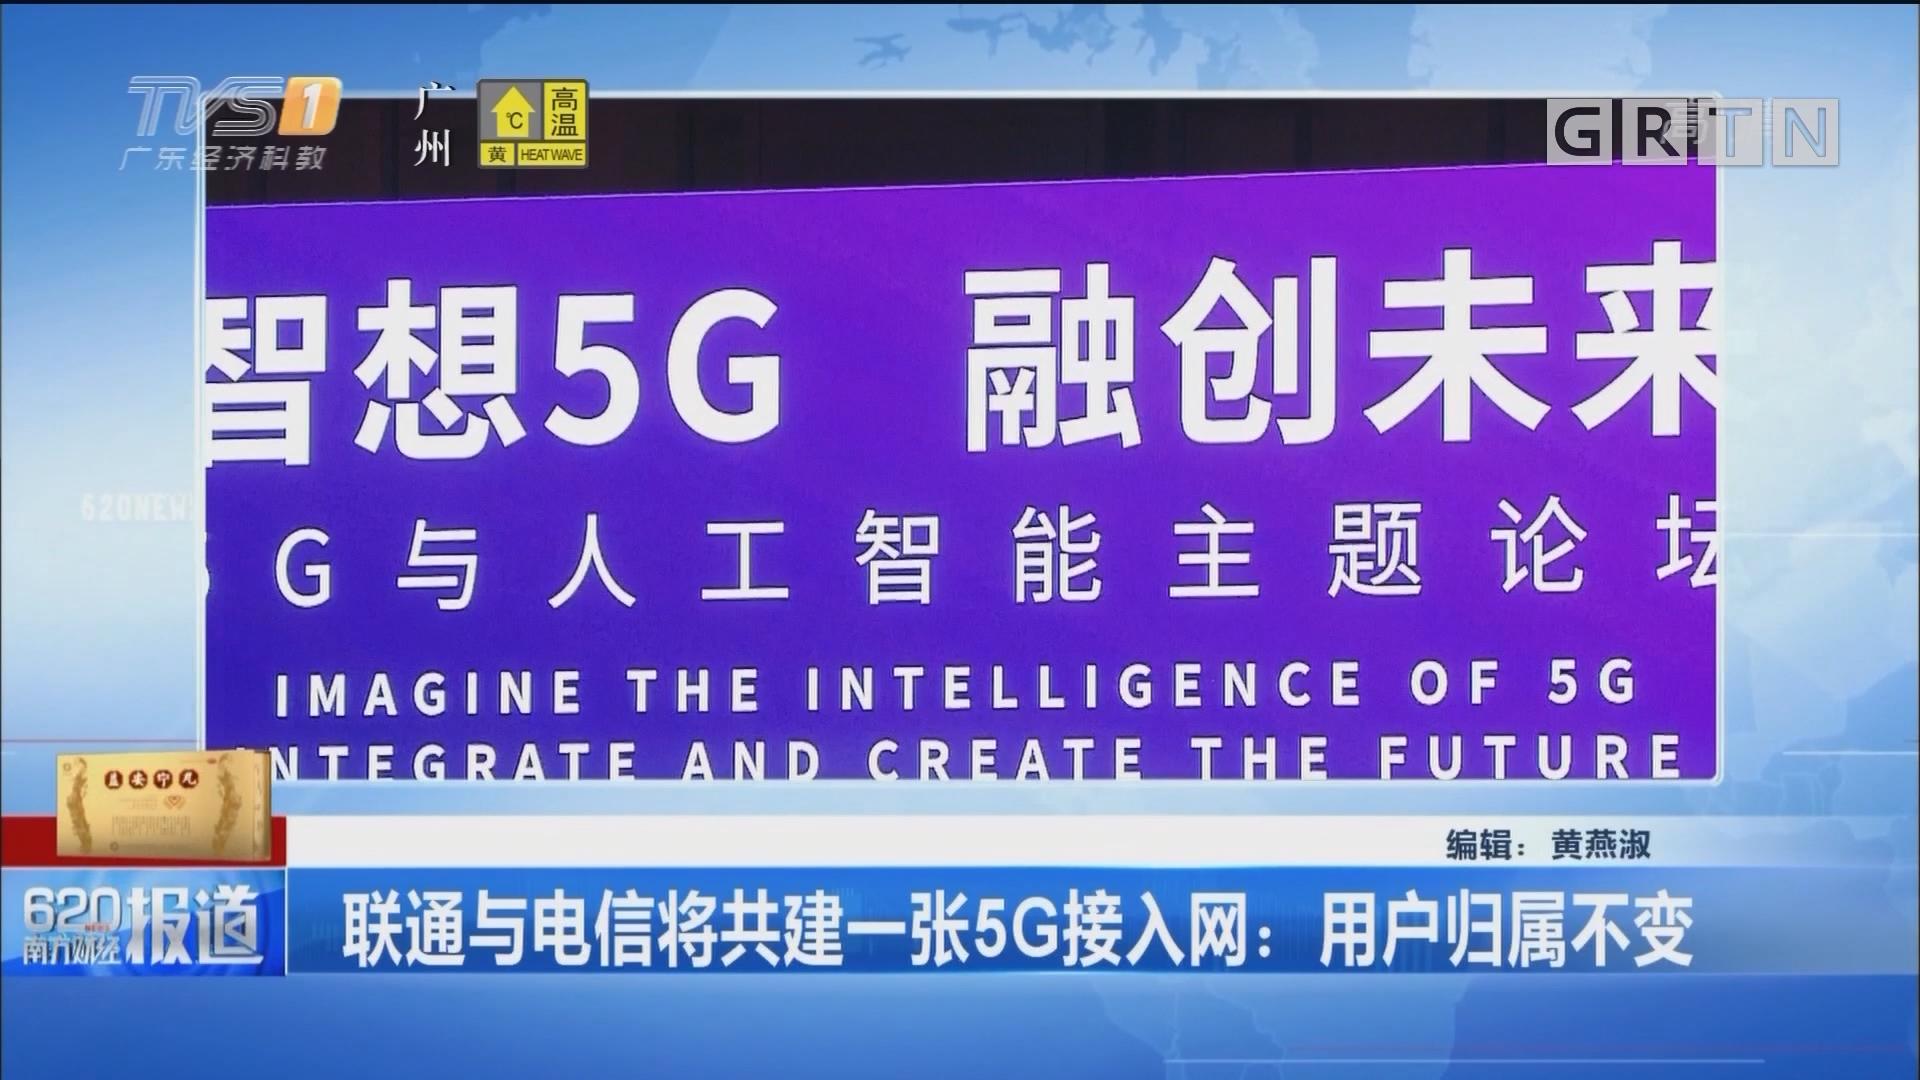 联通与电信将共建一张5G接入网:用户归属不变